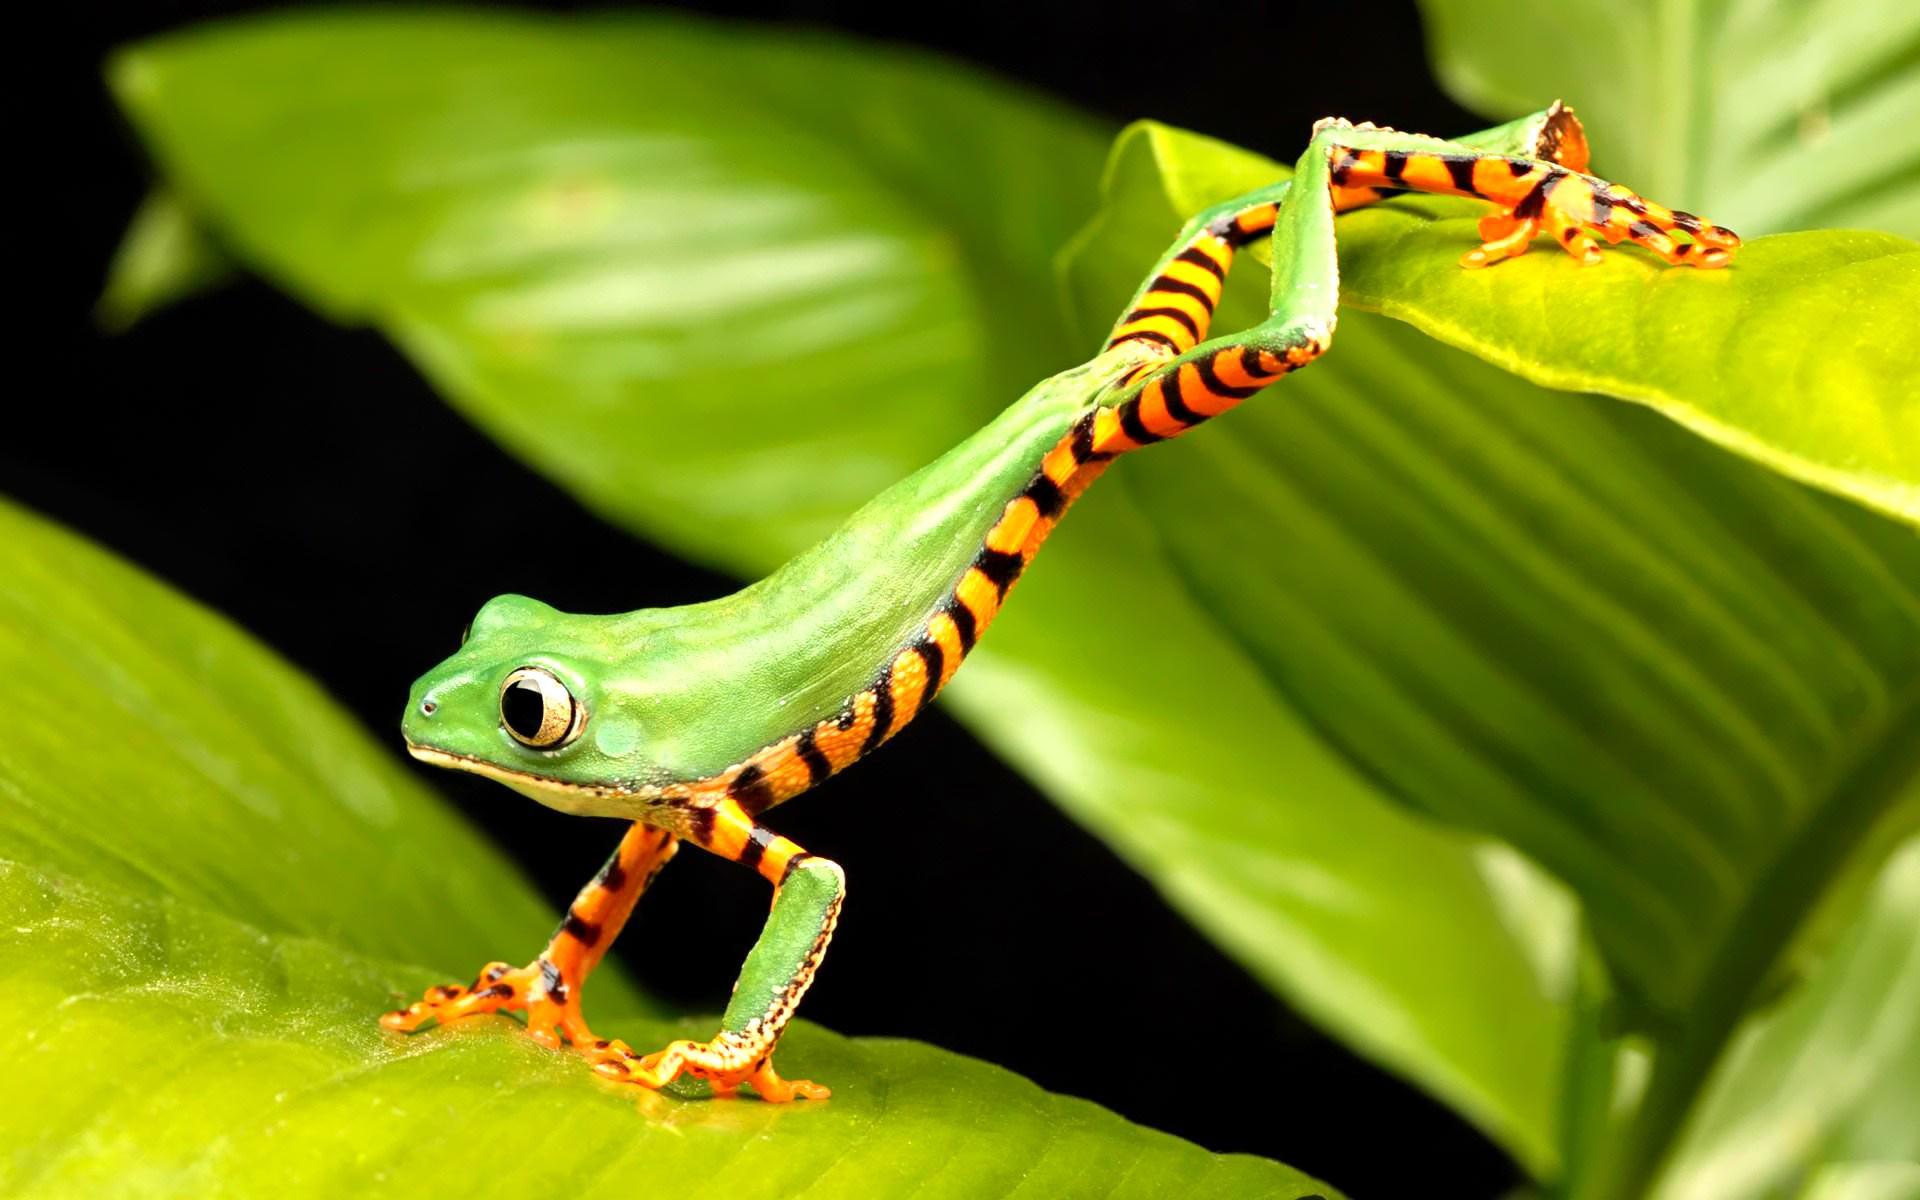 Frogs Wallpaper Cute Little Frogs Wallpaper   HD Wallpapers   Pinterest    Wallpaper